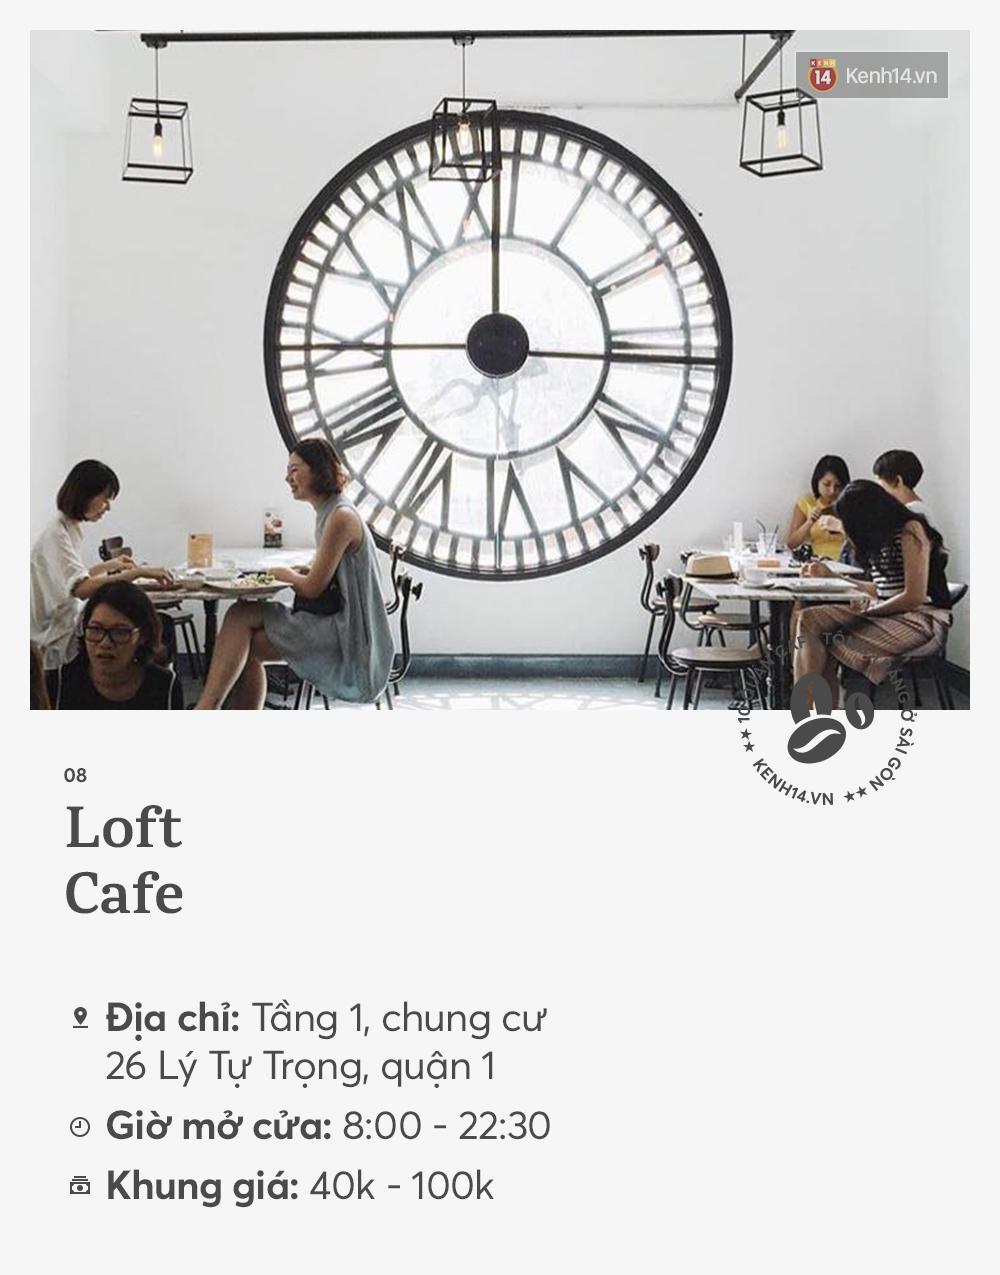 10 quán cà phê tông trắng ở Sài Gòn, cứ đến là có ảnh đẹp! - Ảnh 15.